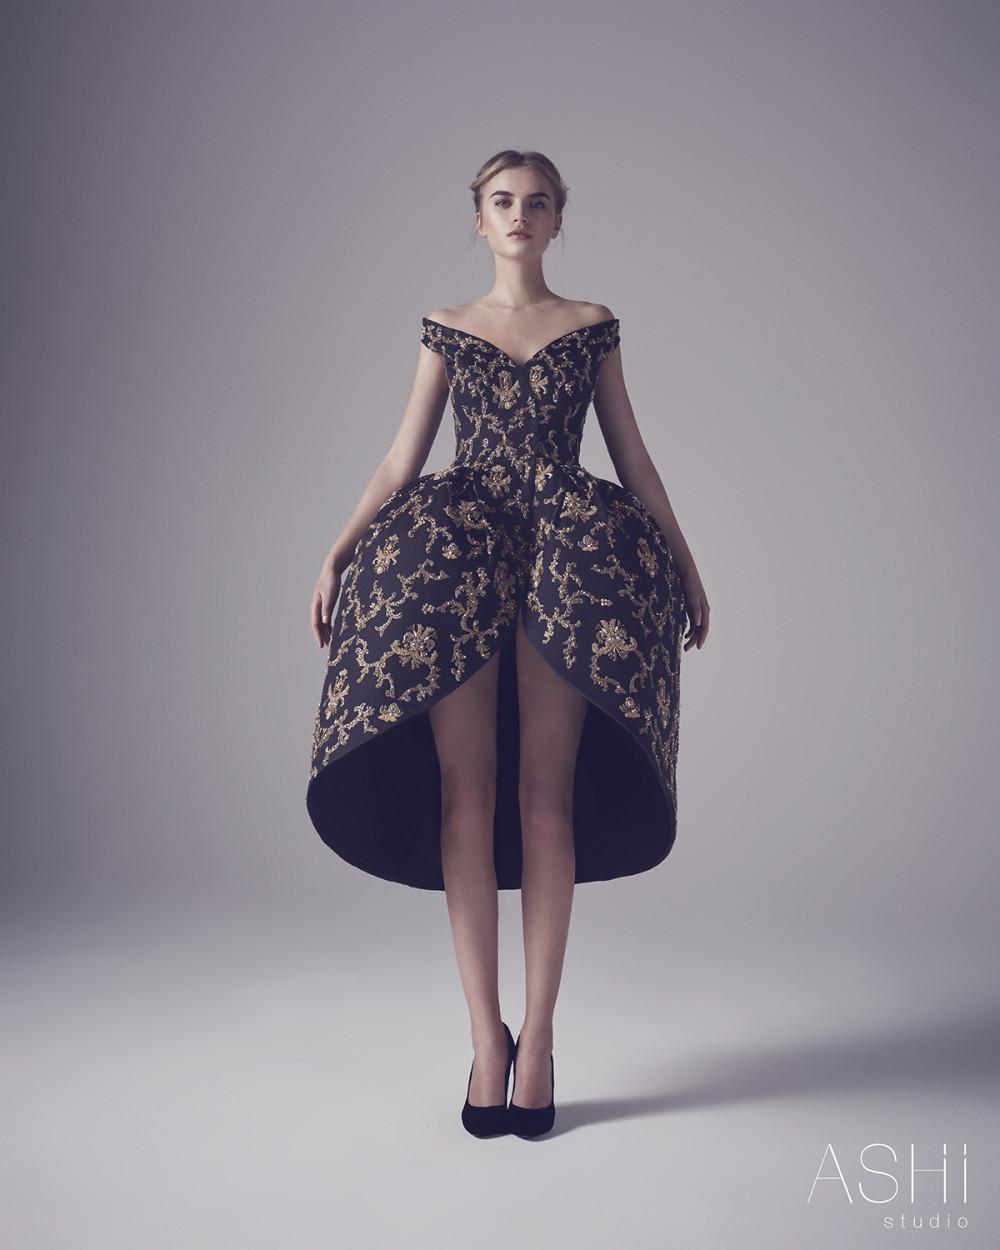 BN Bridal: Ashi Studio Spring/Summer Couture Collection